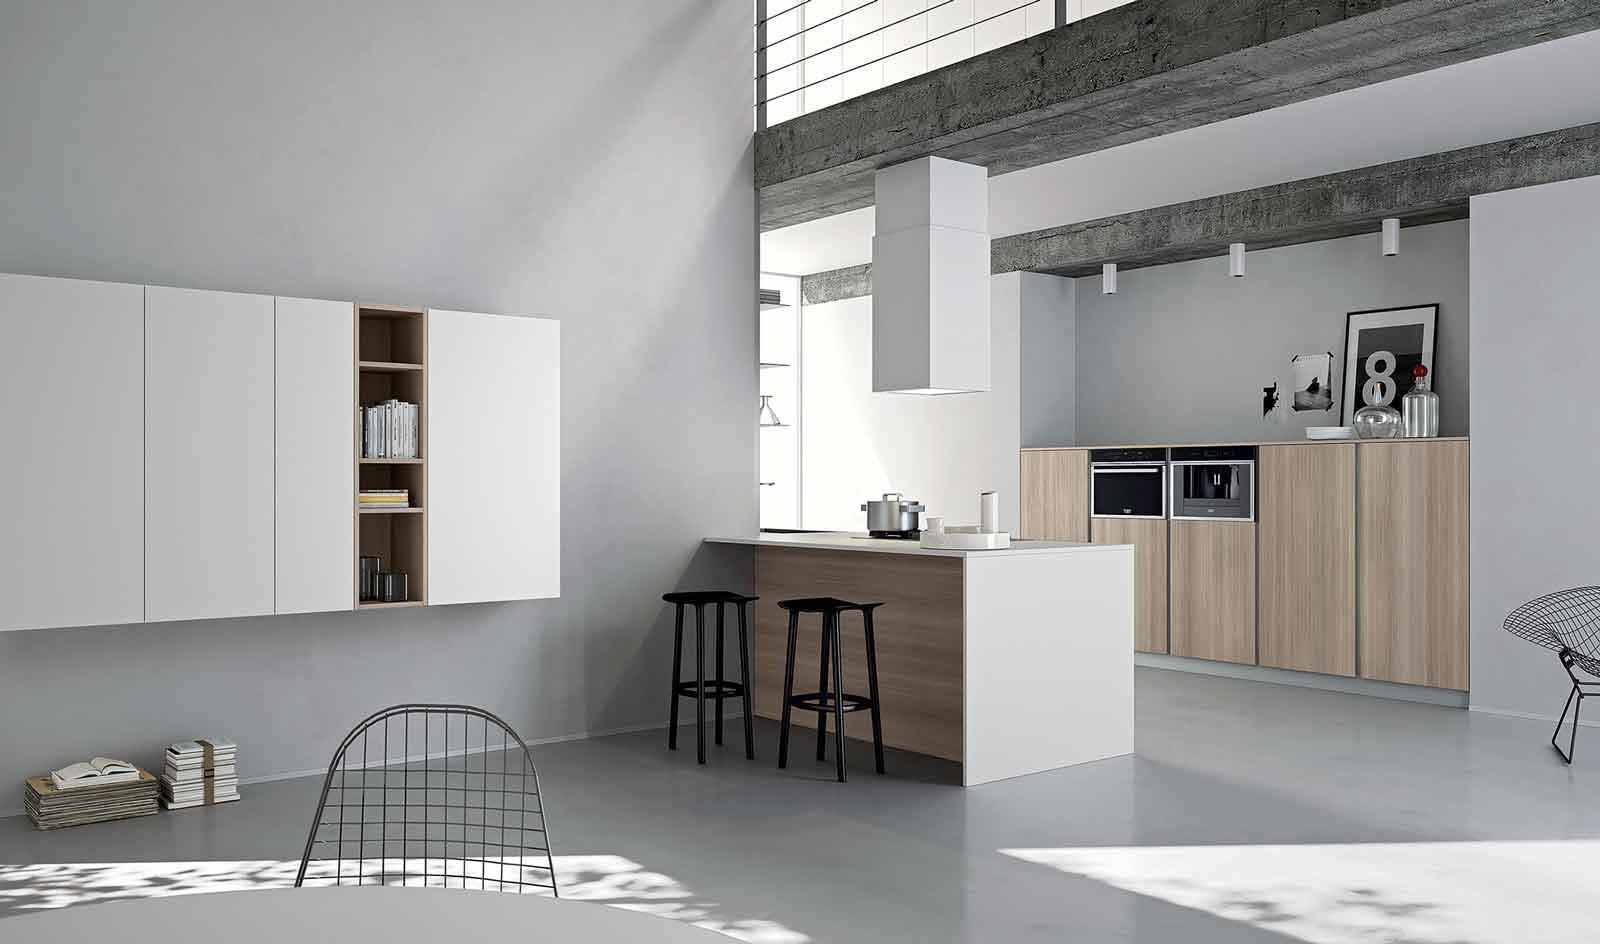 Cucina salotto ambiente unico idee idee per il design for Arredare ambiente unico cucina soggiorno